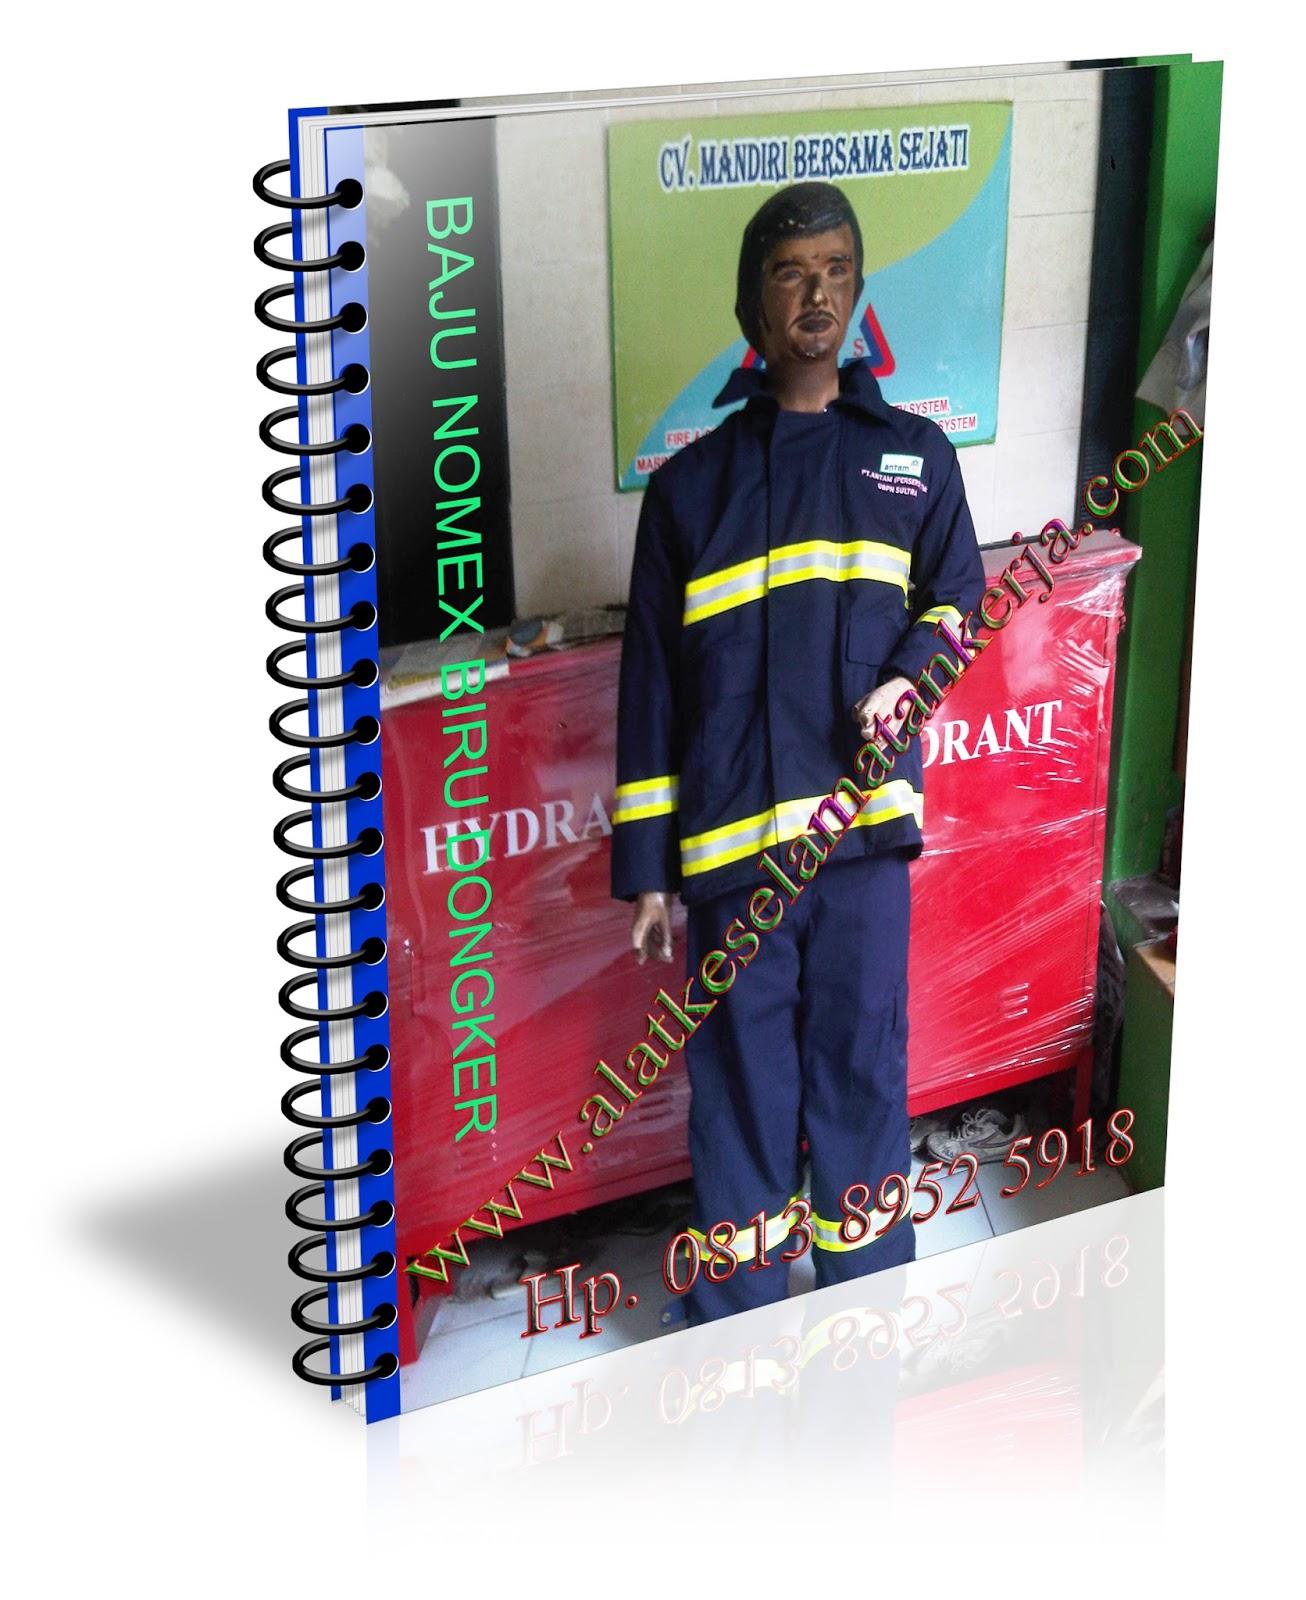 Perlengkapan Accecories Pemadam Kebakaran Gedung bertingkat BAJU PEMADAM KEBAKARAN NOMEXIIIA UNTUK GEDUNG BERTINGKAT